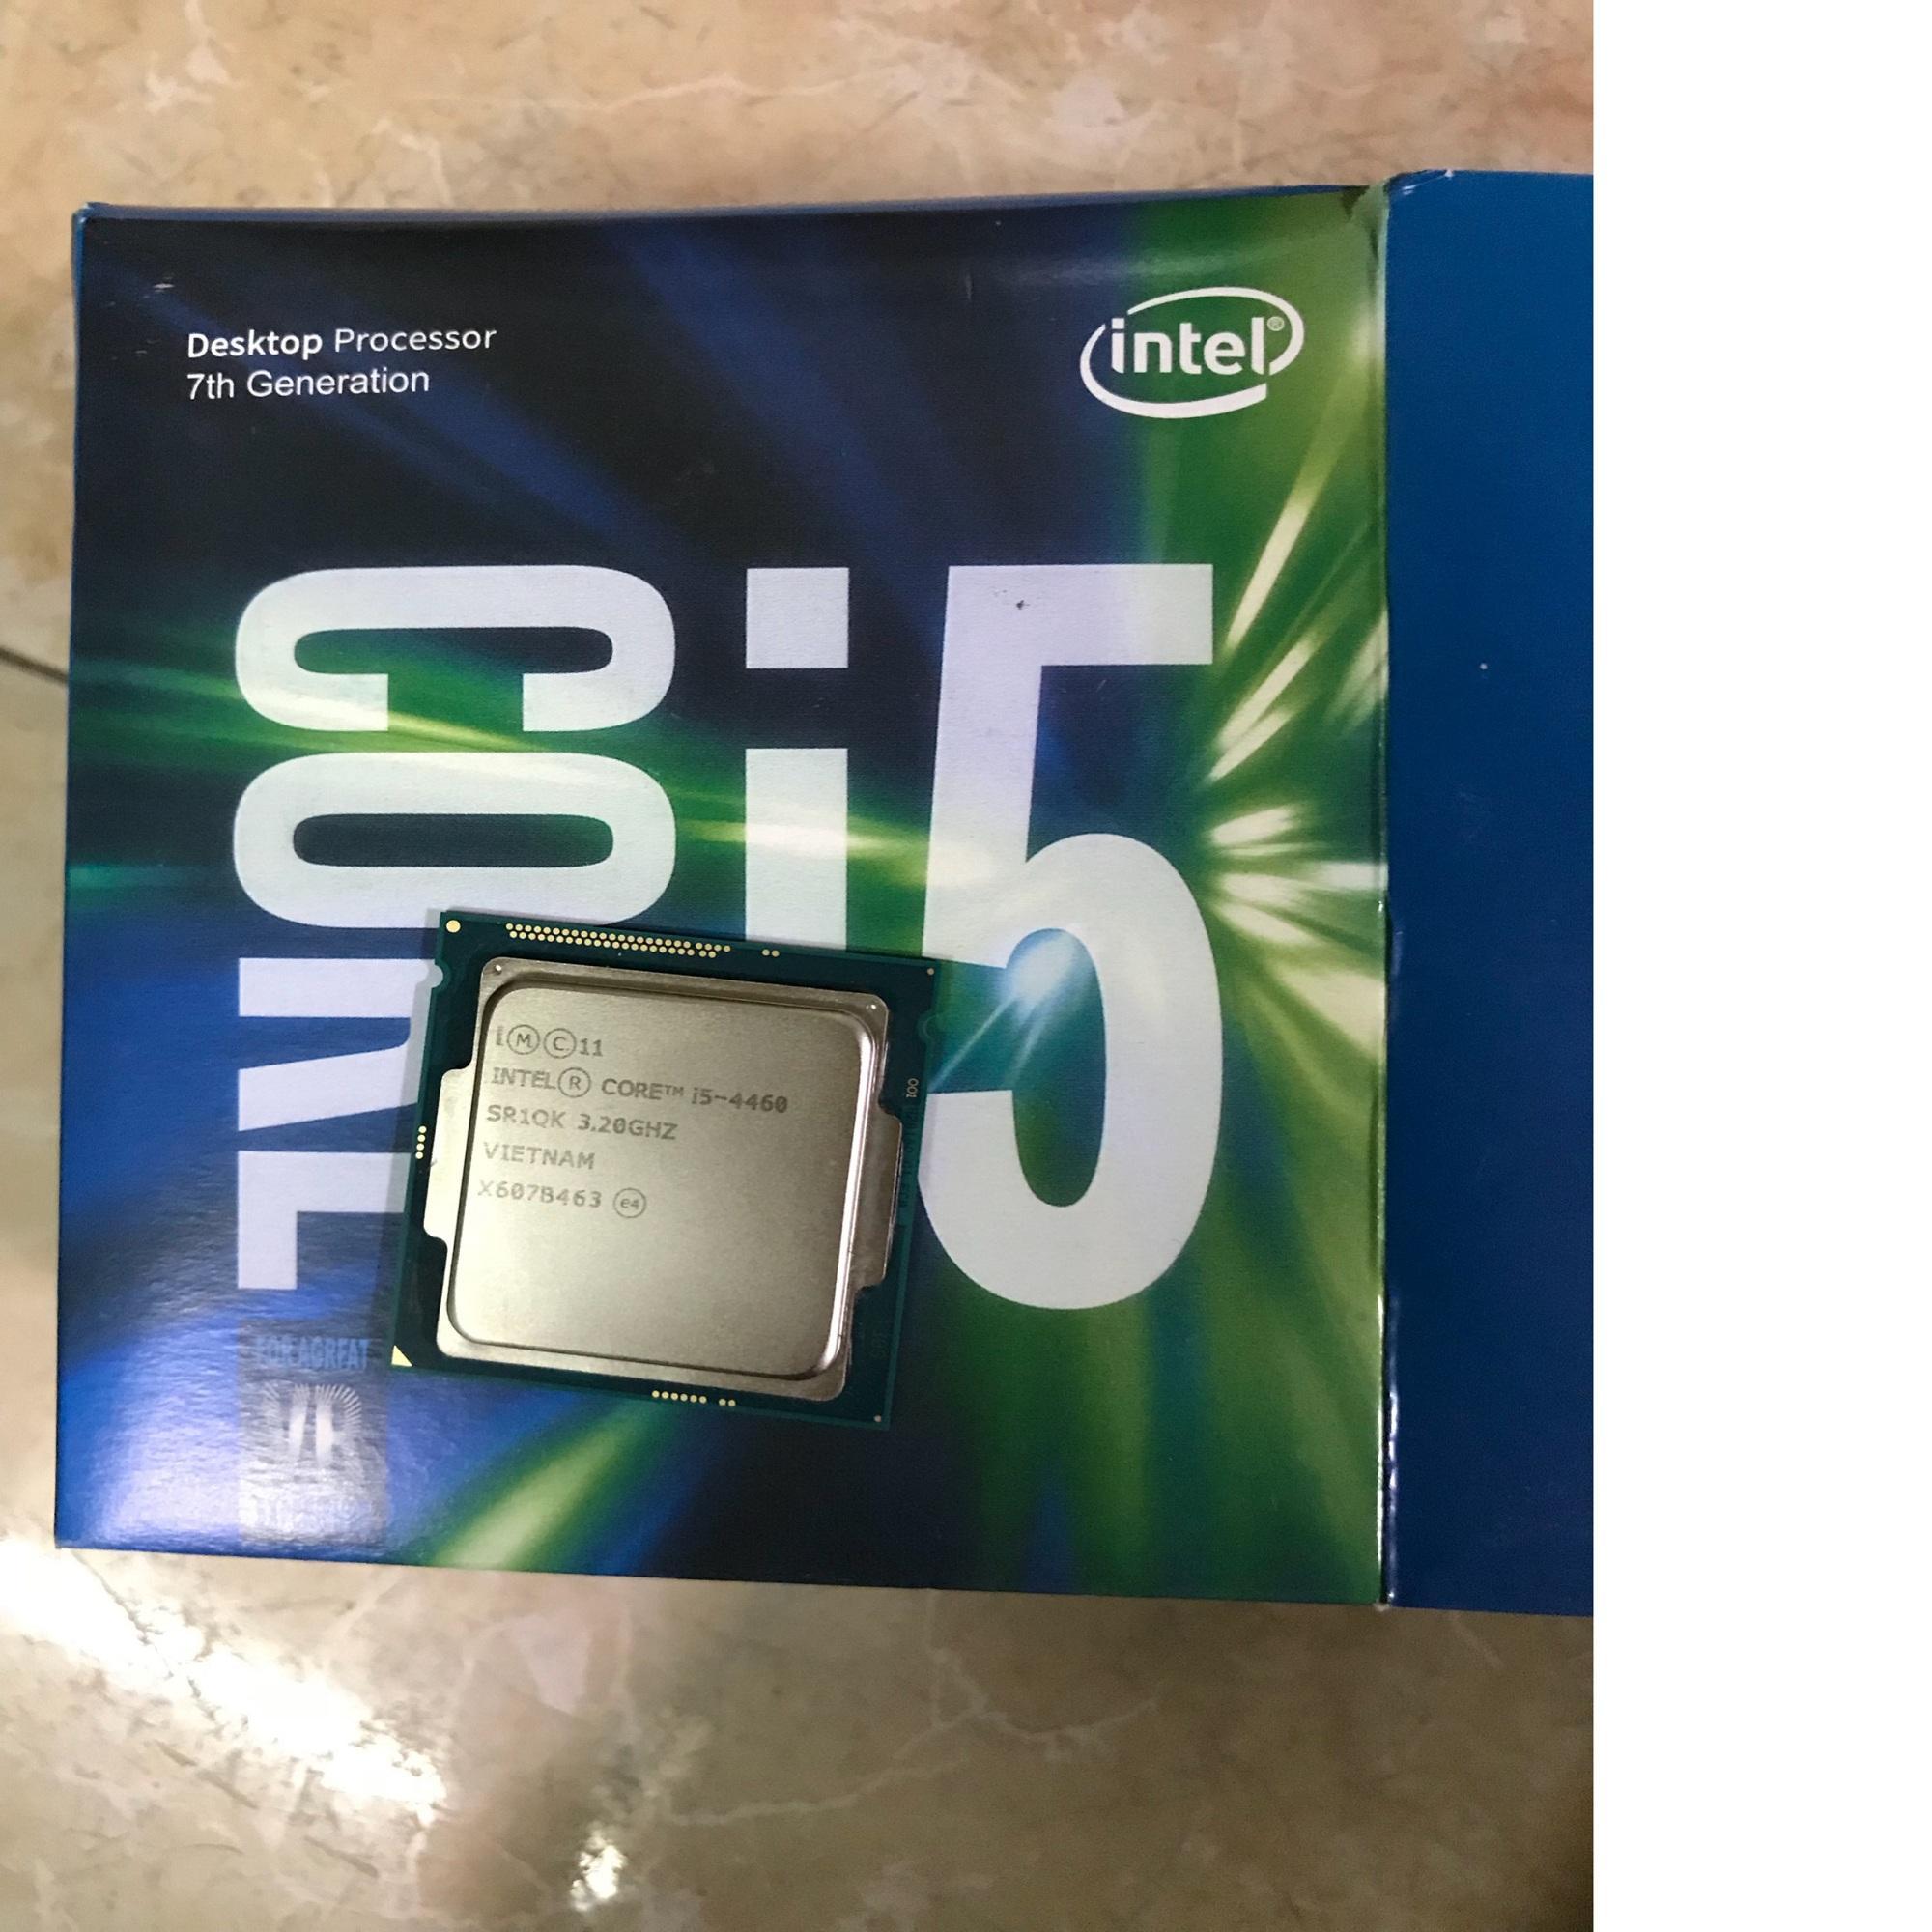 Hình ảnh CPU I5 4460 Bảo Hành 5 Năm